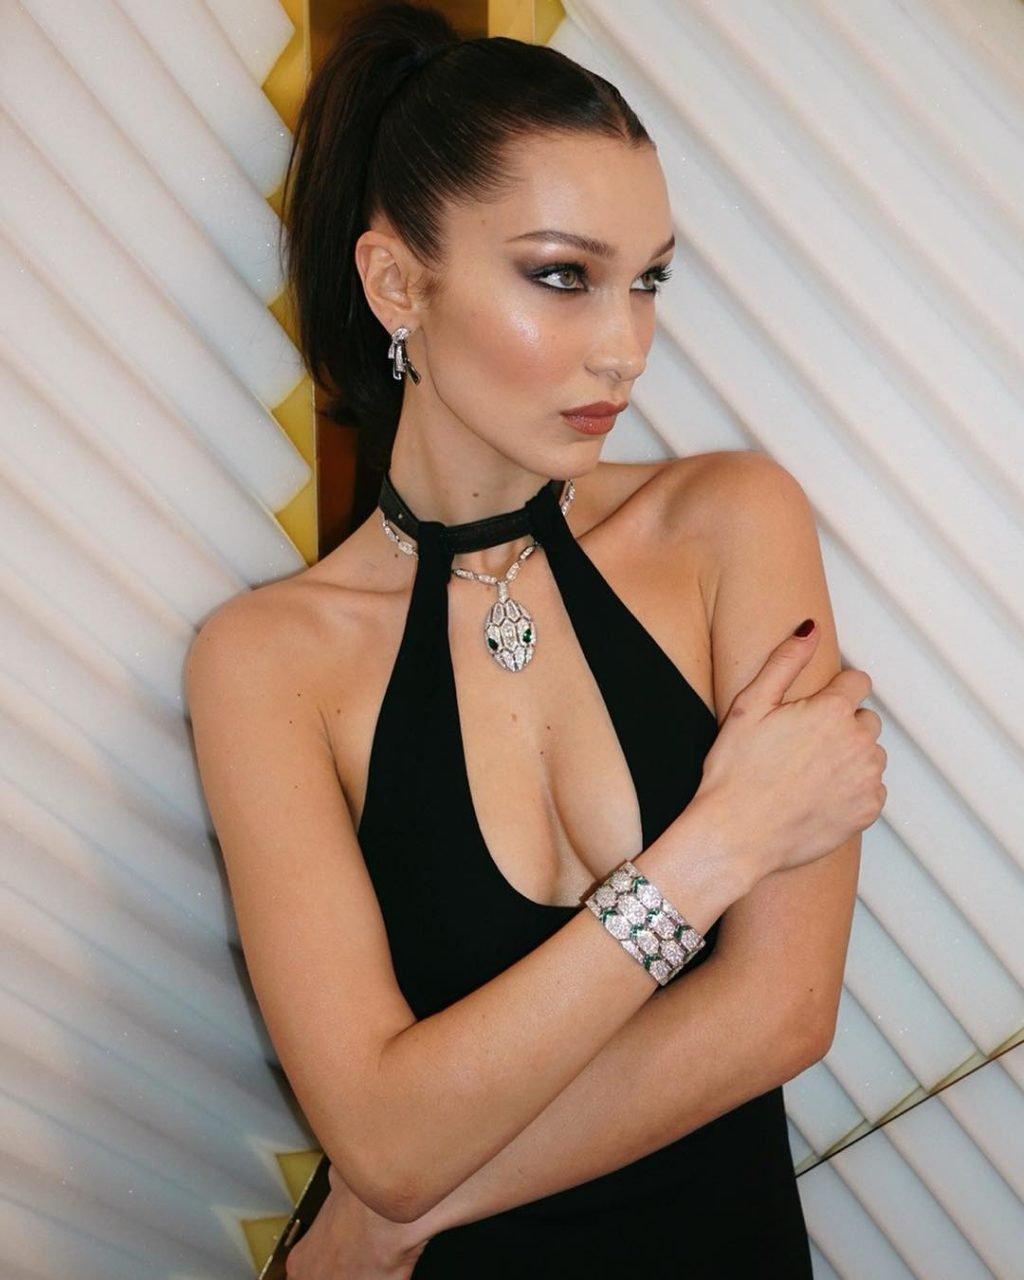 Bella Hadid Hot (3 Photos)